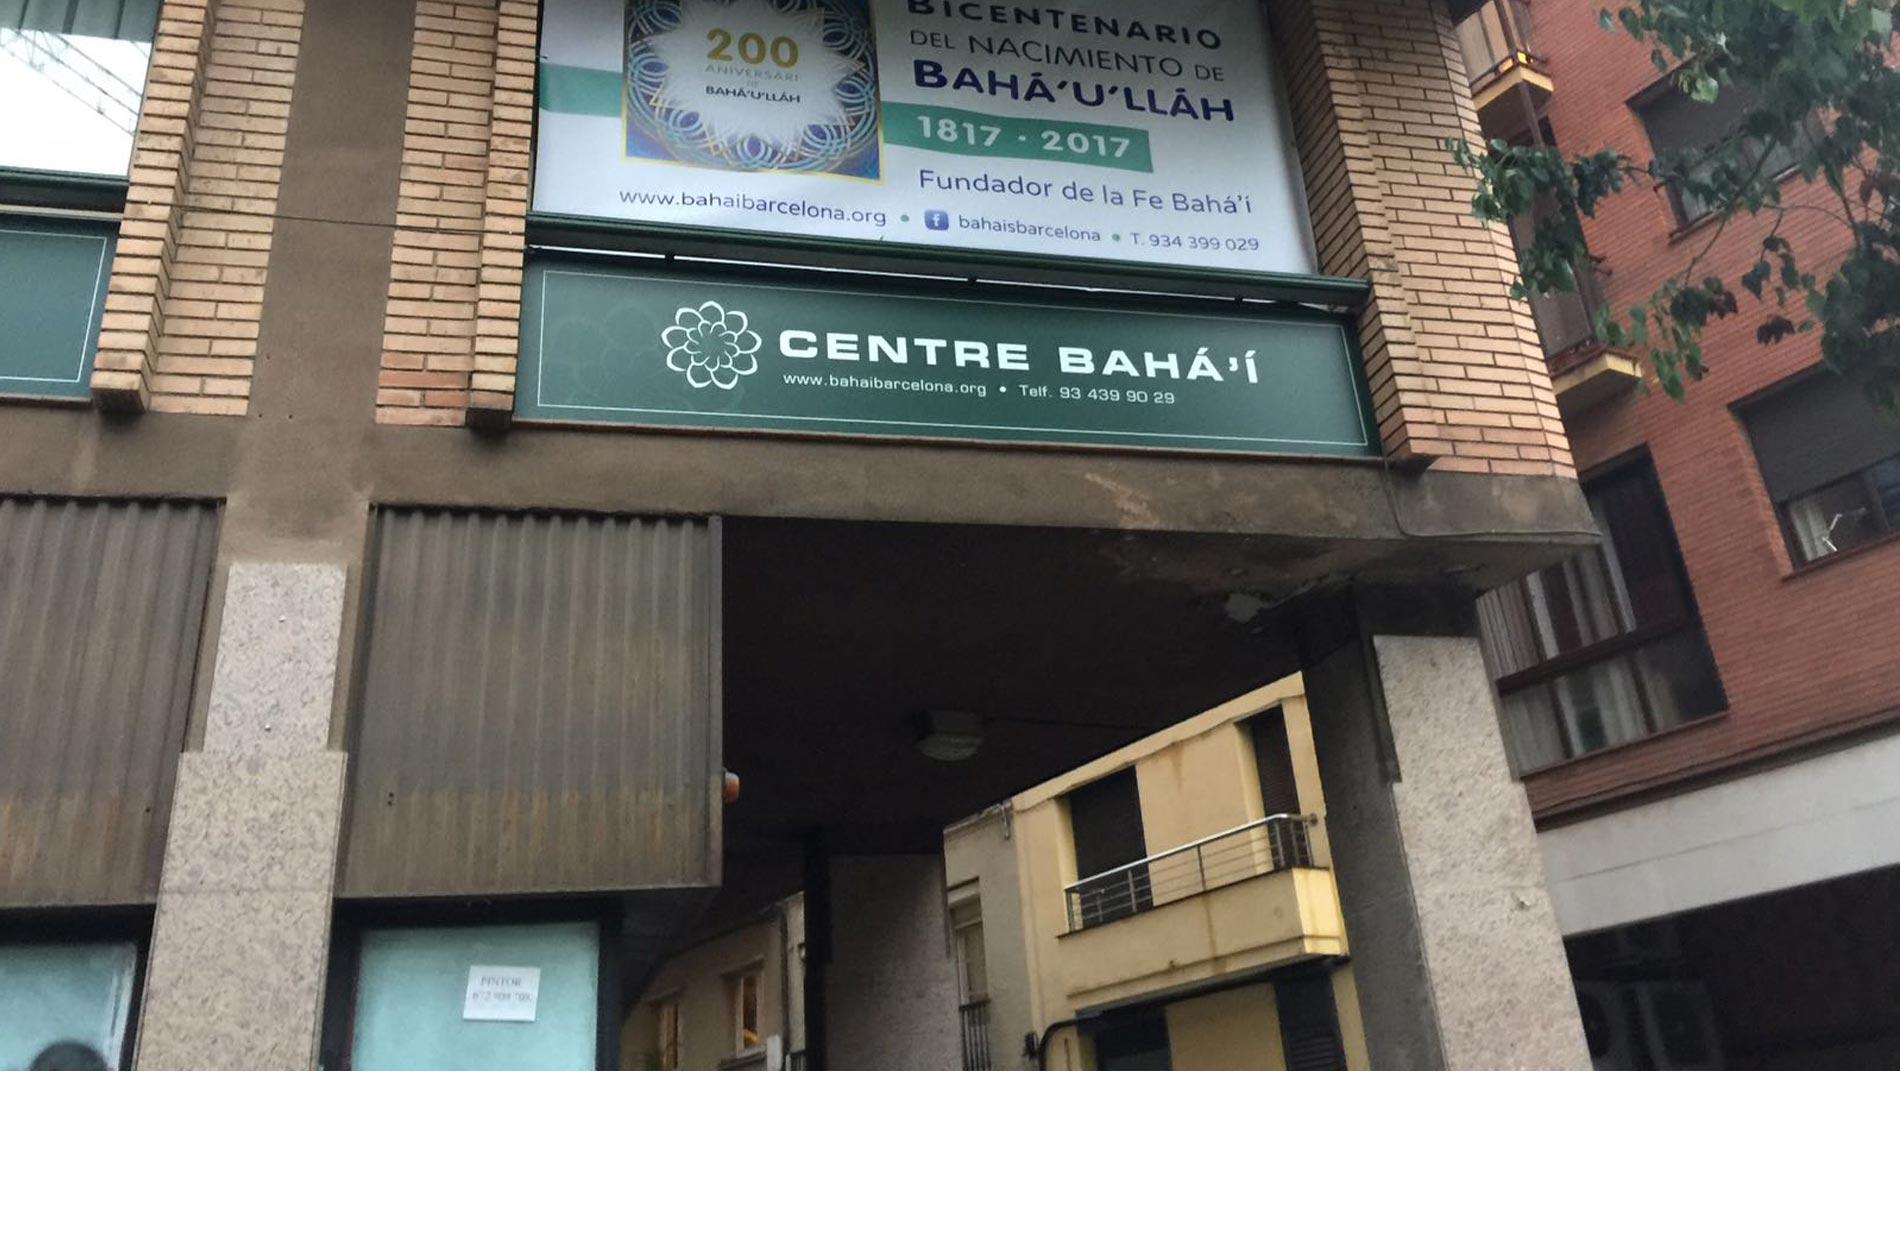 Centro-bahai-de-Barcelona-F-19